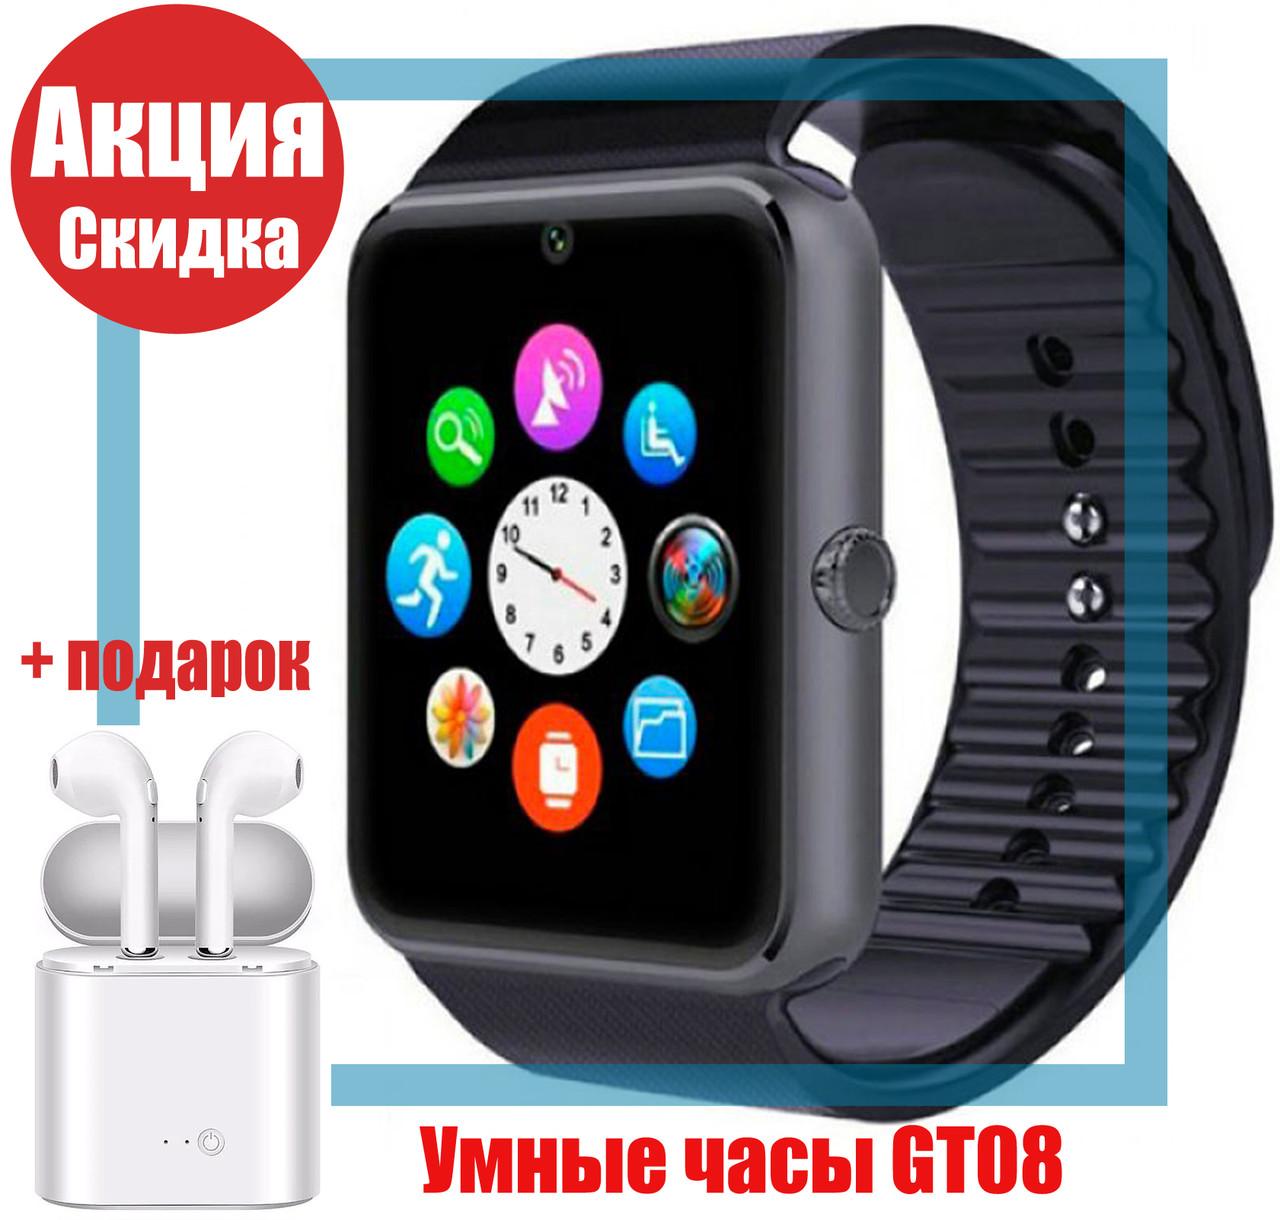 Умные часы телефон Smart Apple Watch Phone GT08 + подарок наушники беспроводные TWS i7 MINI QualitiReplica